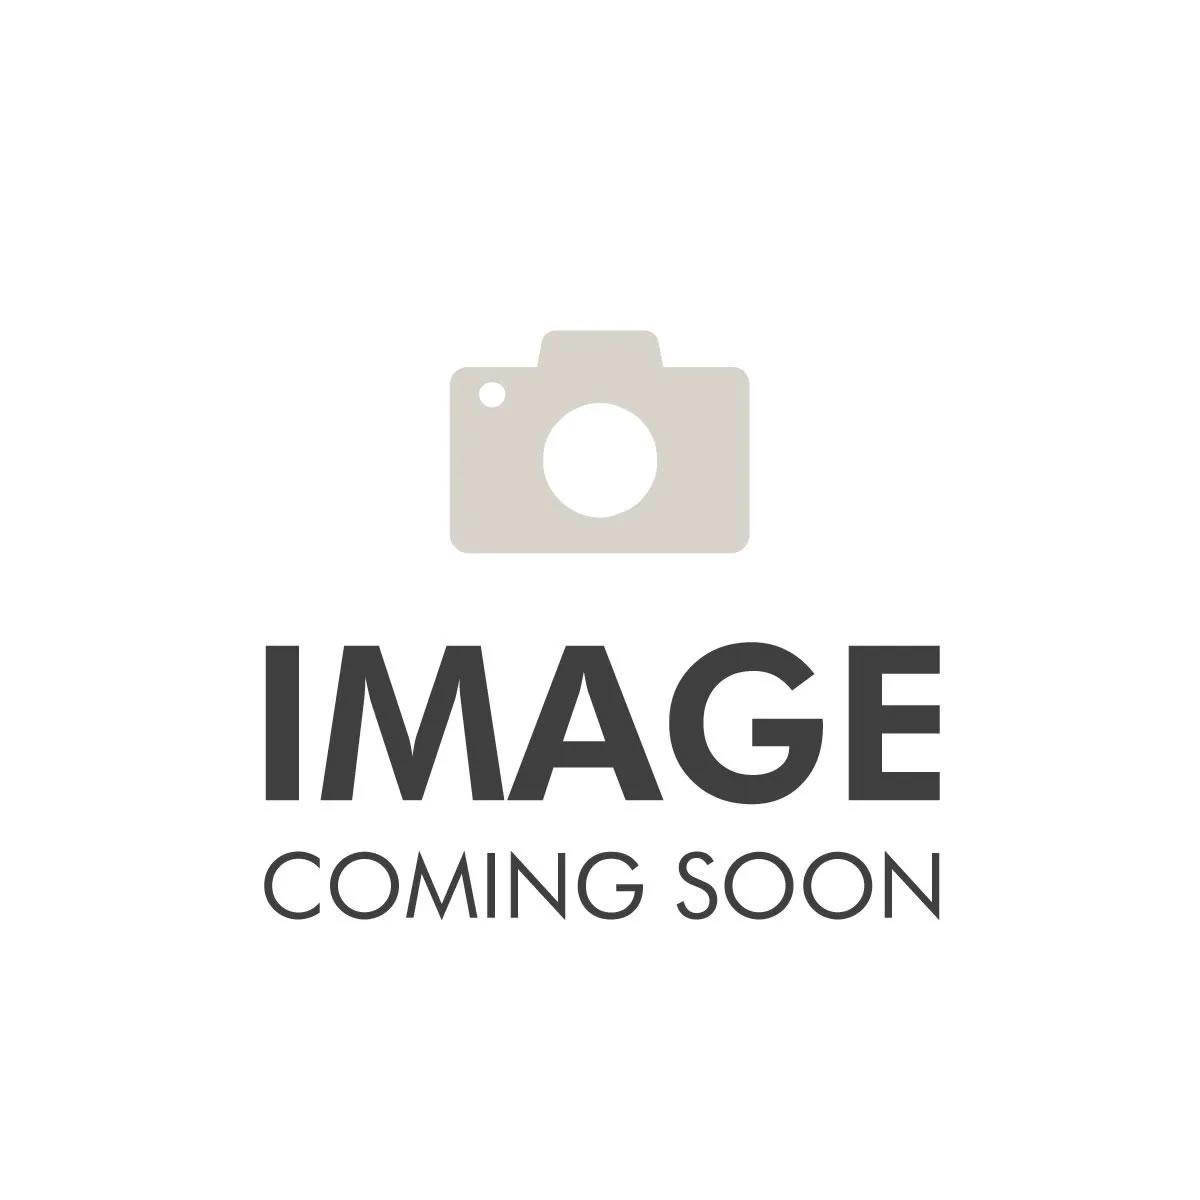 [SCHEMATICS_48IS]  Turn Signal, Parking Light Assembly; 76-86 Jeep CJ5/CJ7/CJ8 Scrambler   1986 Jeep Cj7 Wiring Light Switch      Auto Quest Jeeps